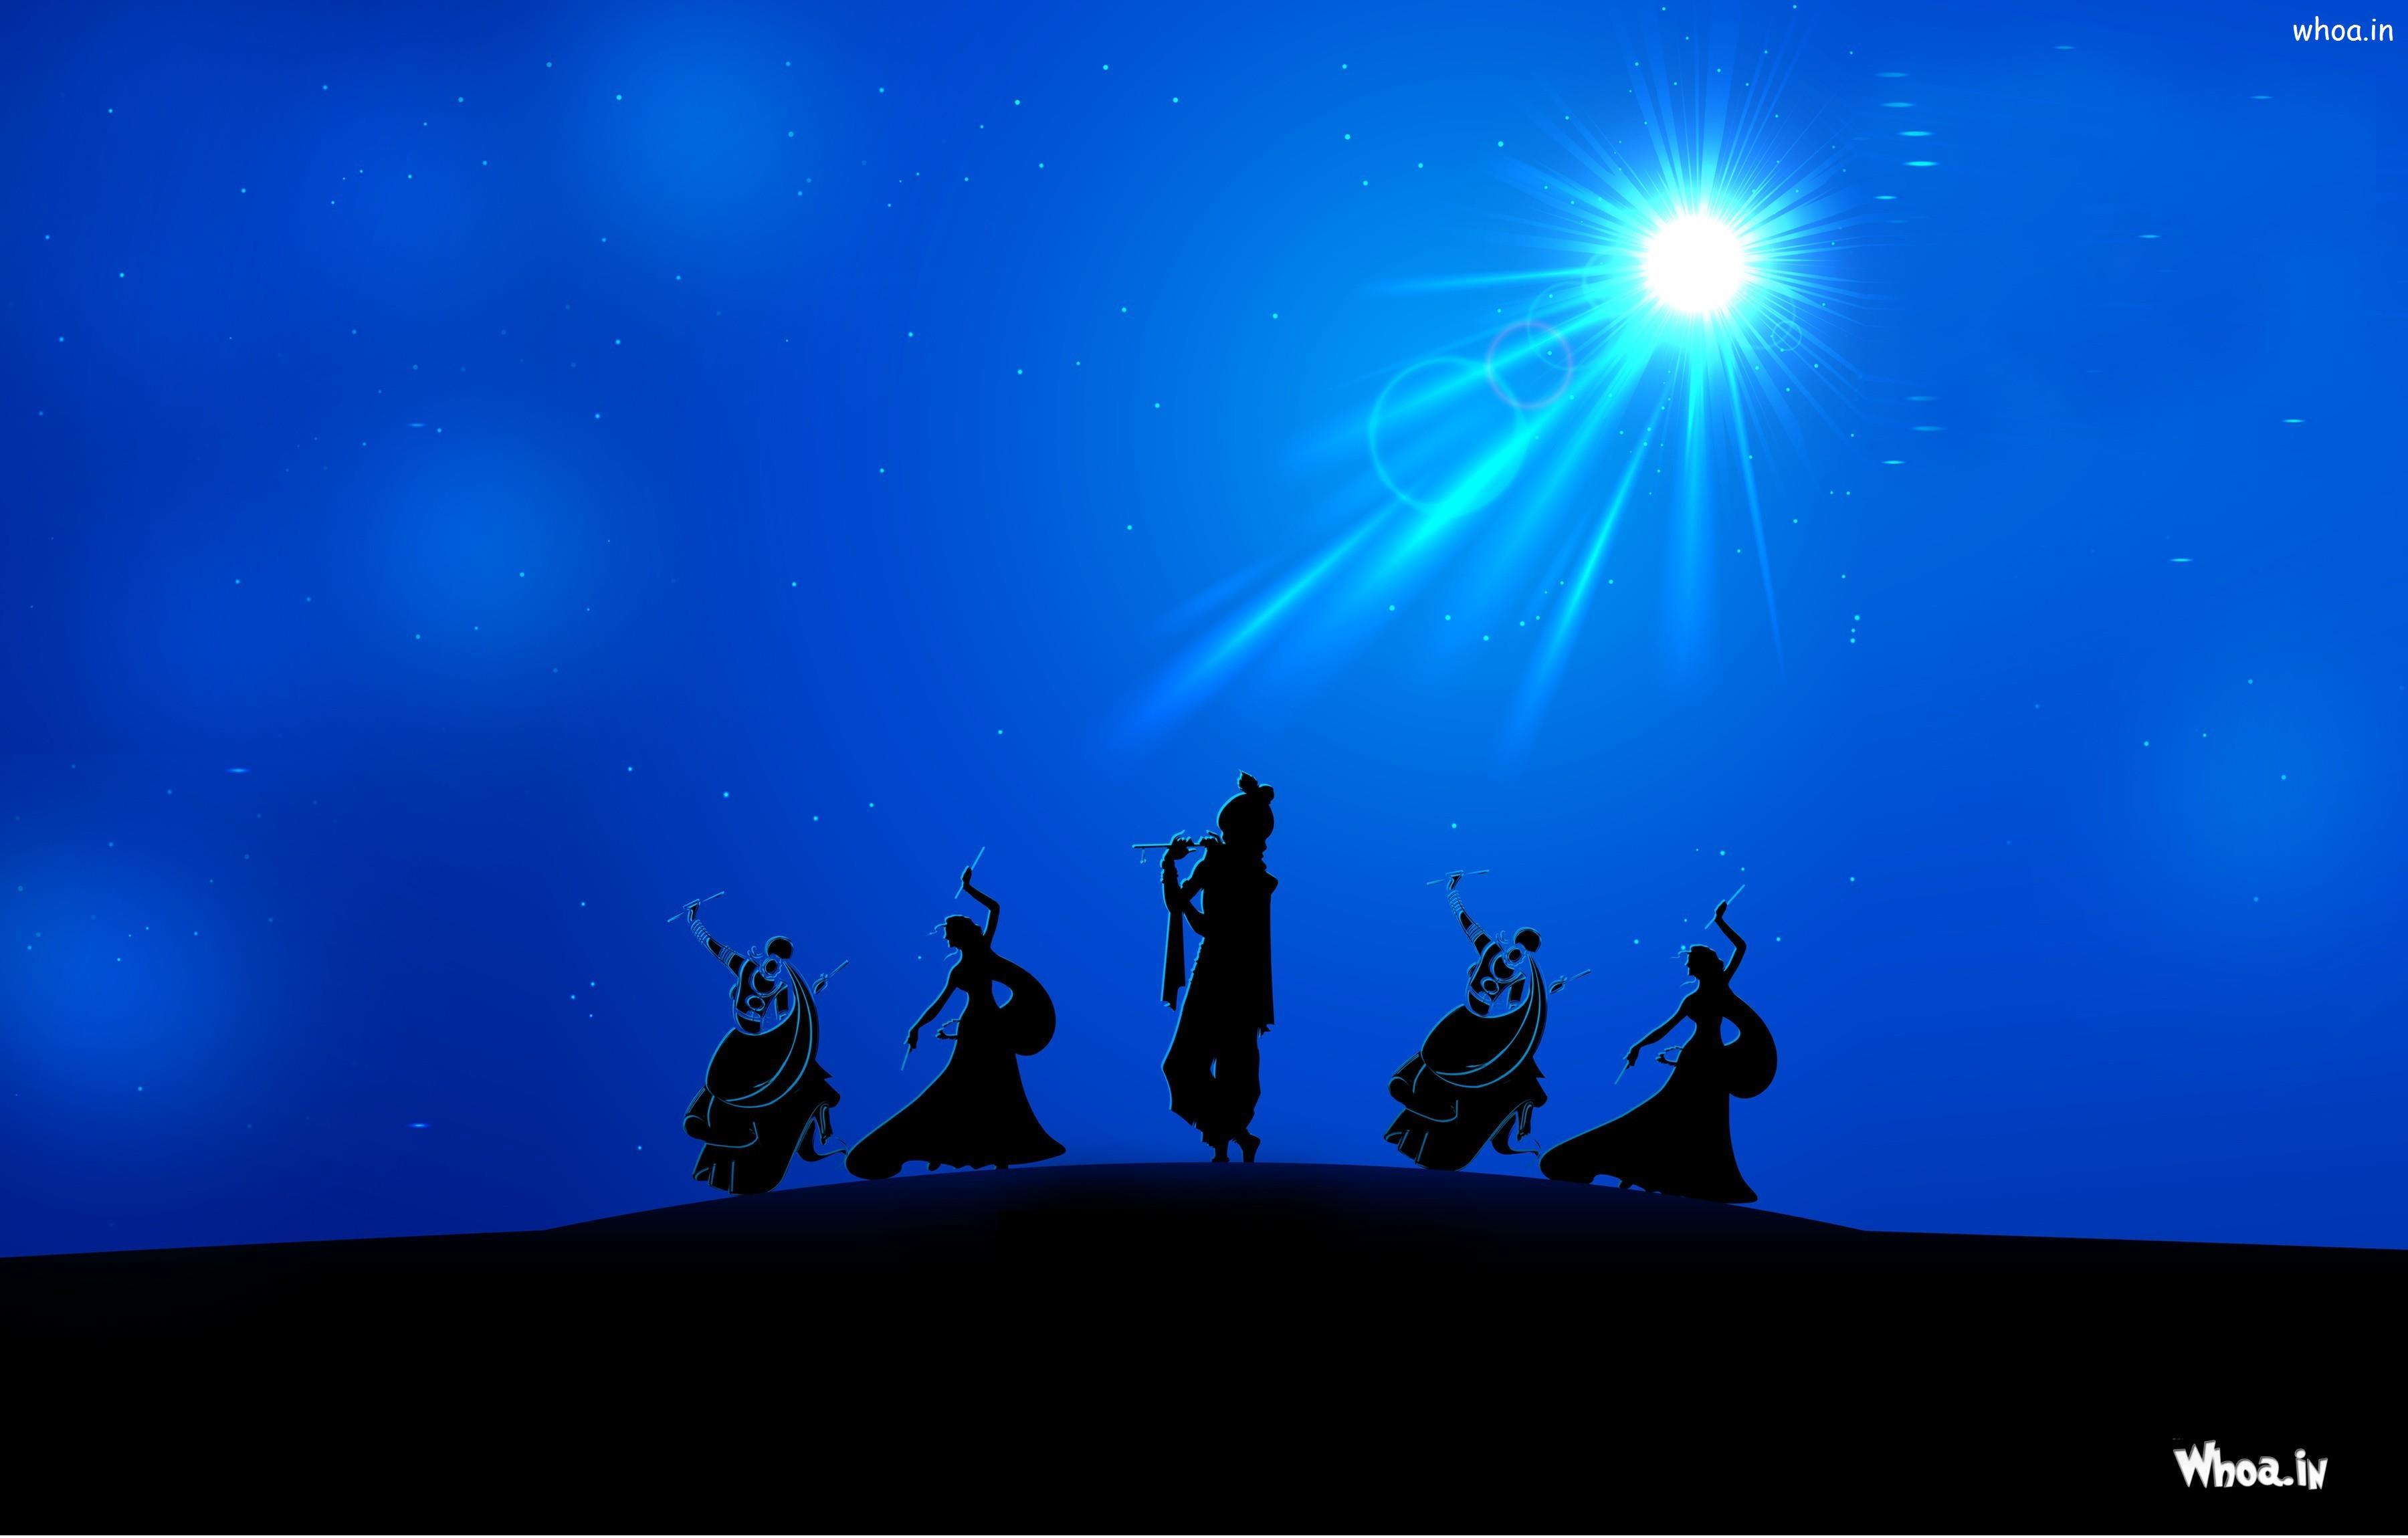 Hd wallpaper of lord krishna -  Lord Krishna Rass Leela In Night With Blue Background Hd Wallpaper